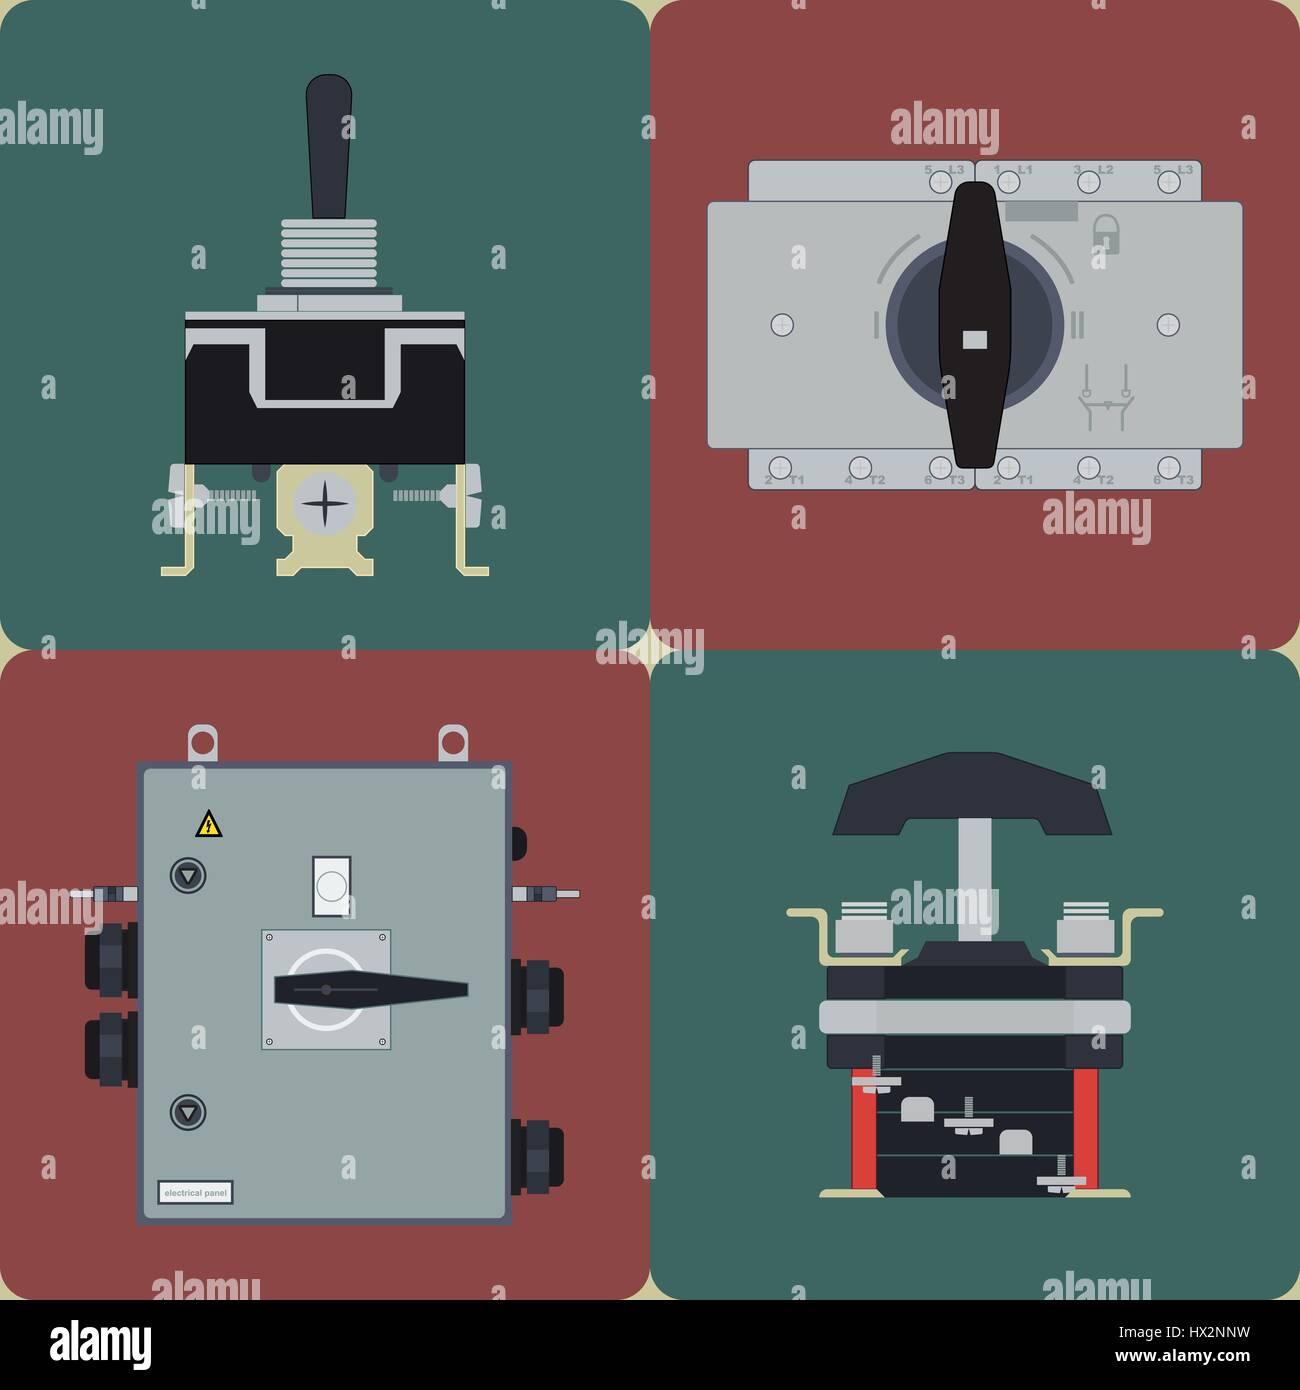 Ungewöhnlich Symbole In Elektrischen Schaltungen Verwendet Bilder ...